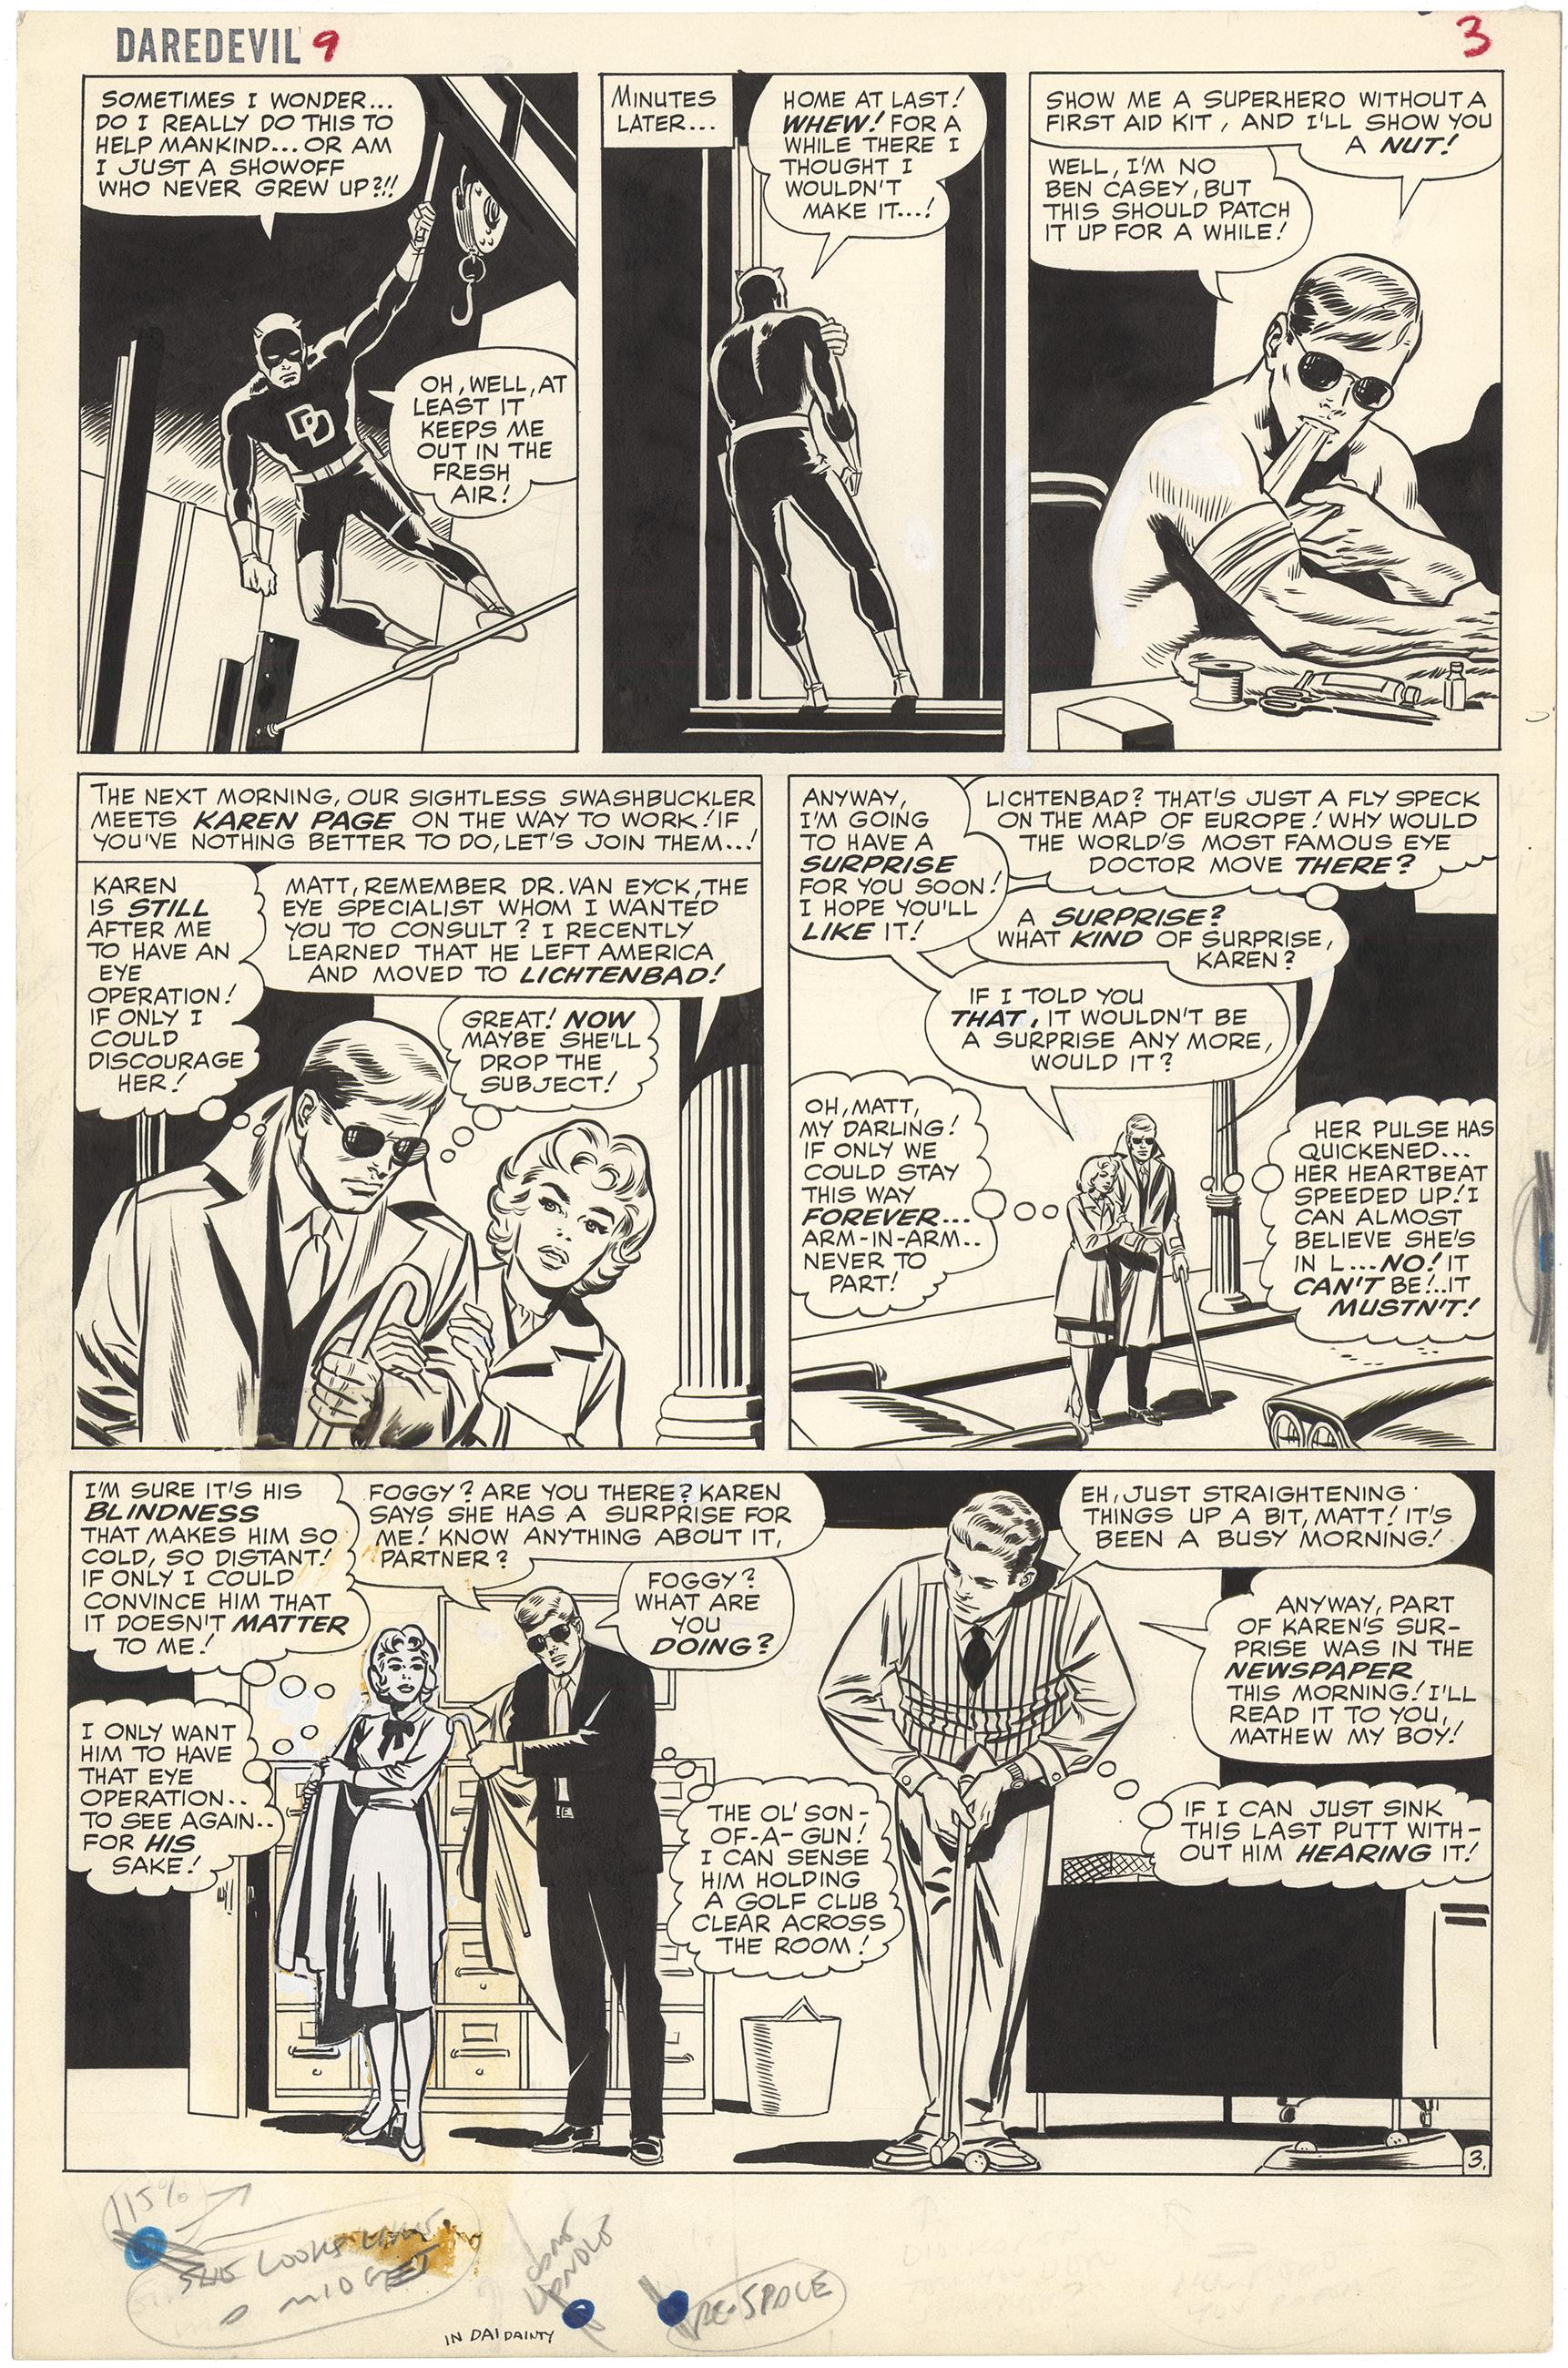 Daredevil #9 p3